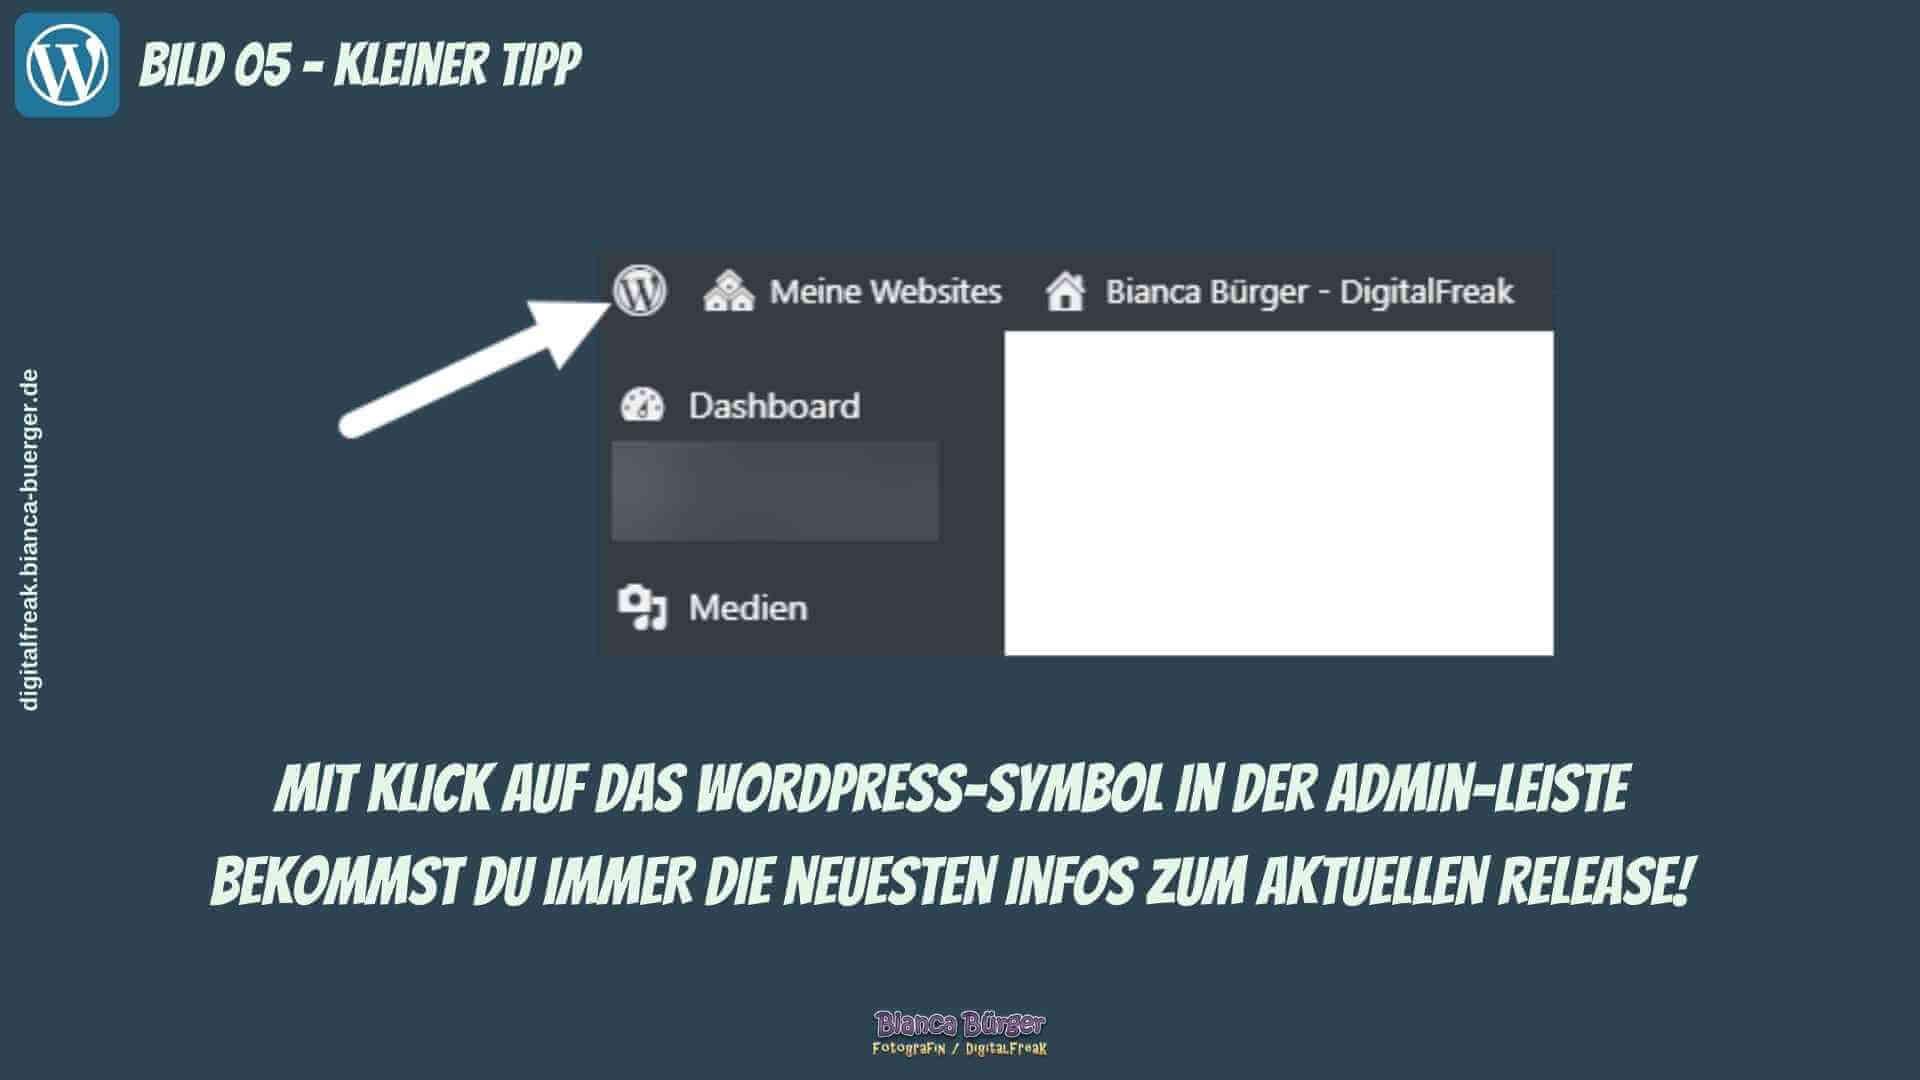 WordPress-5-8_05_Wusstest-Du-eigentlich